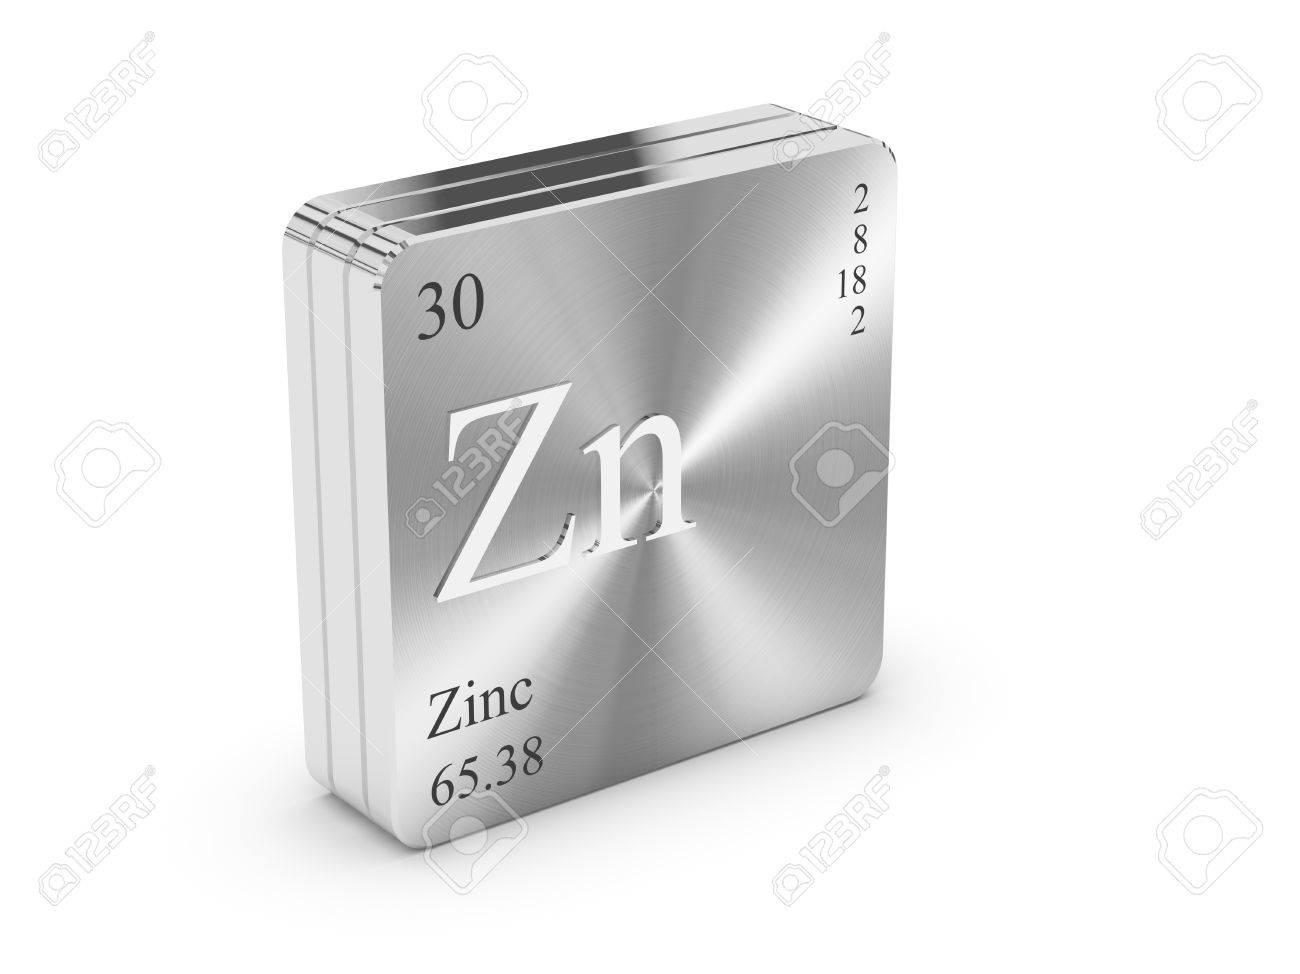 el zinc elemento de la tabla peridica en el bloque de metal de acero foto - Tabla Periodica Zinc